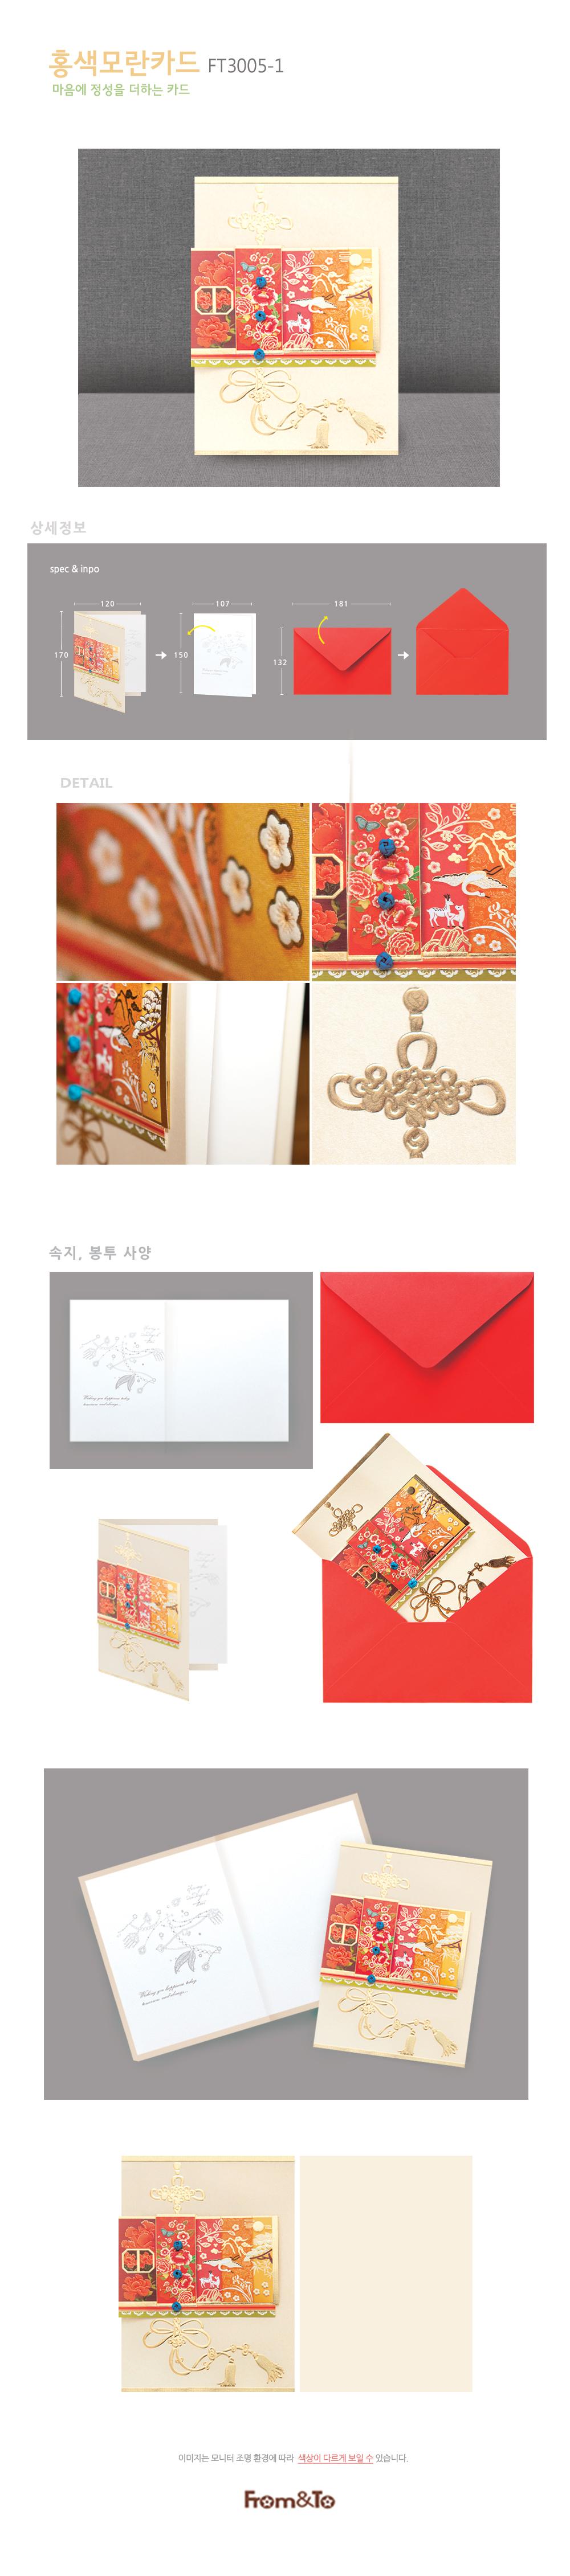 홍색모란카드 FT3005-1 - 프롬앤투, 2,700원, 카드, 카드 세트